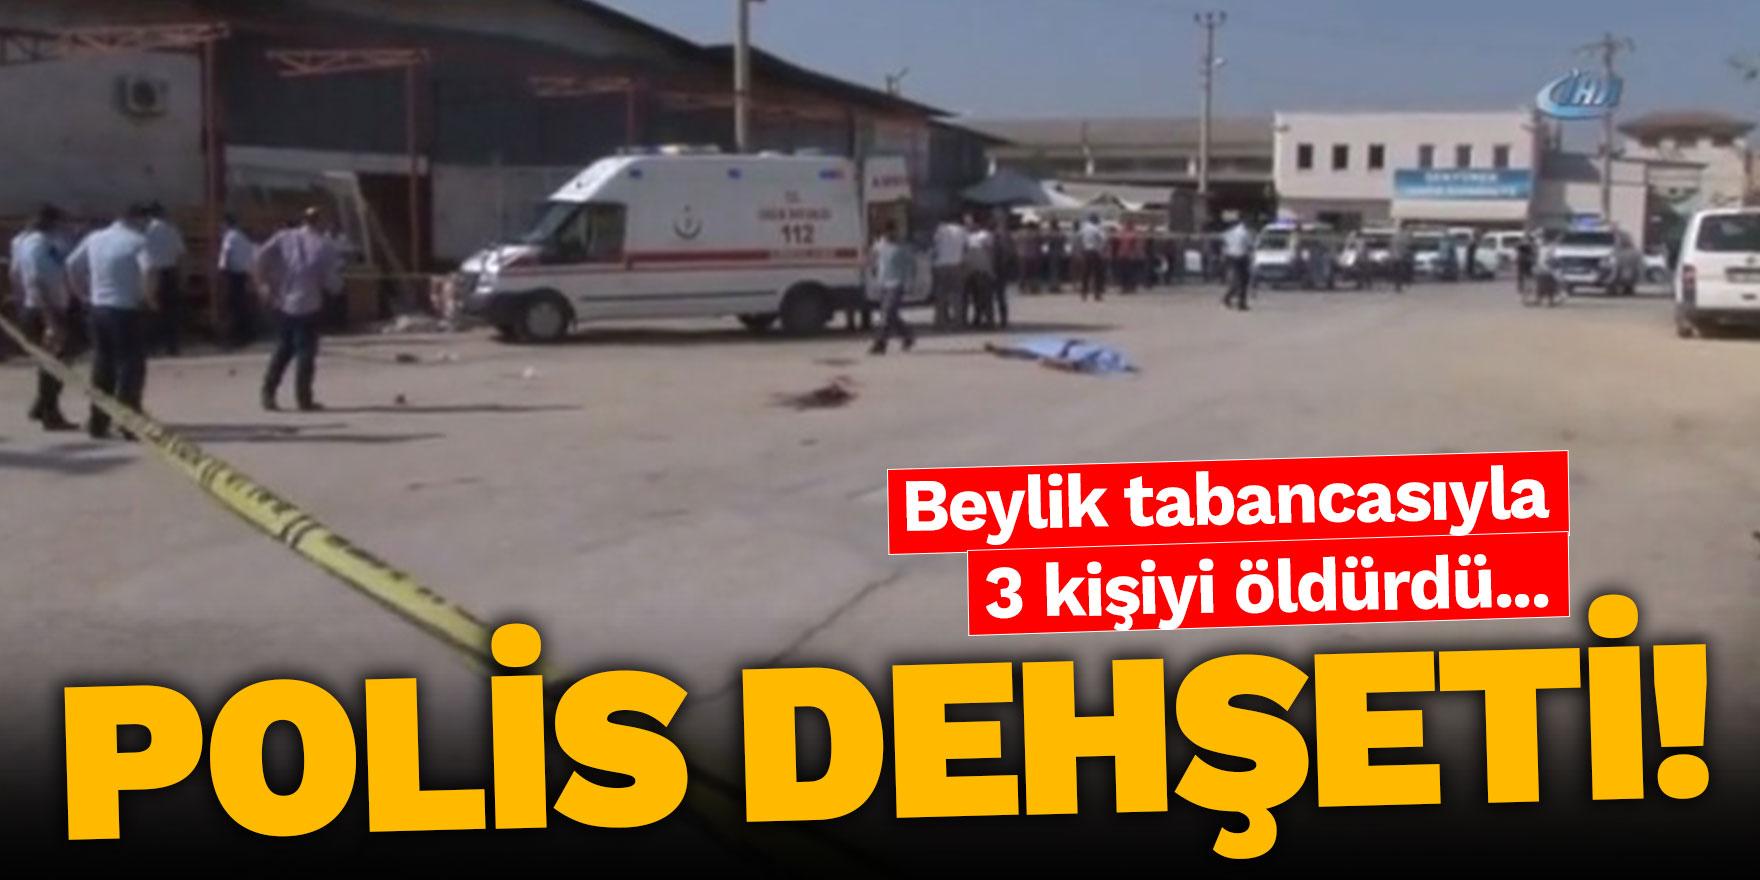 Adana'da polis dehşeti! 3 kişi öldü